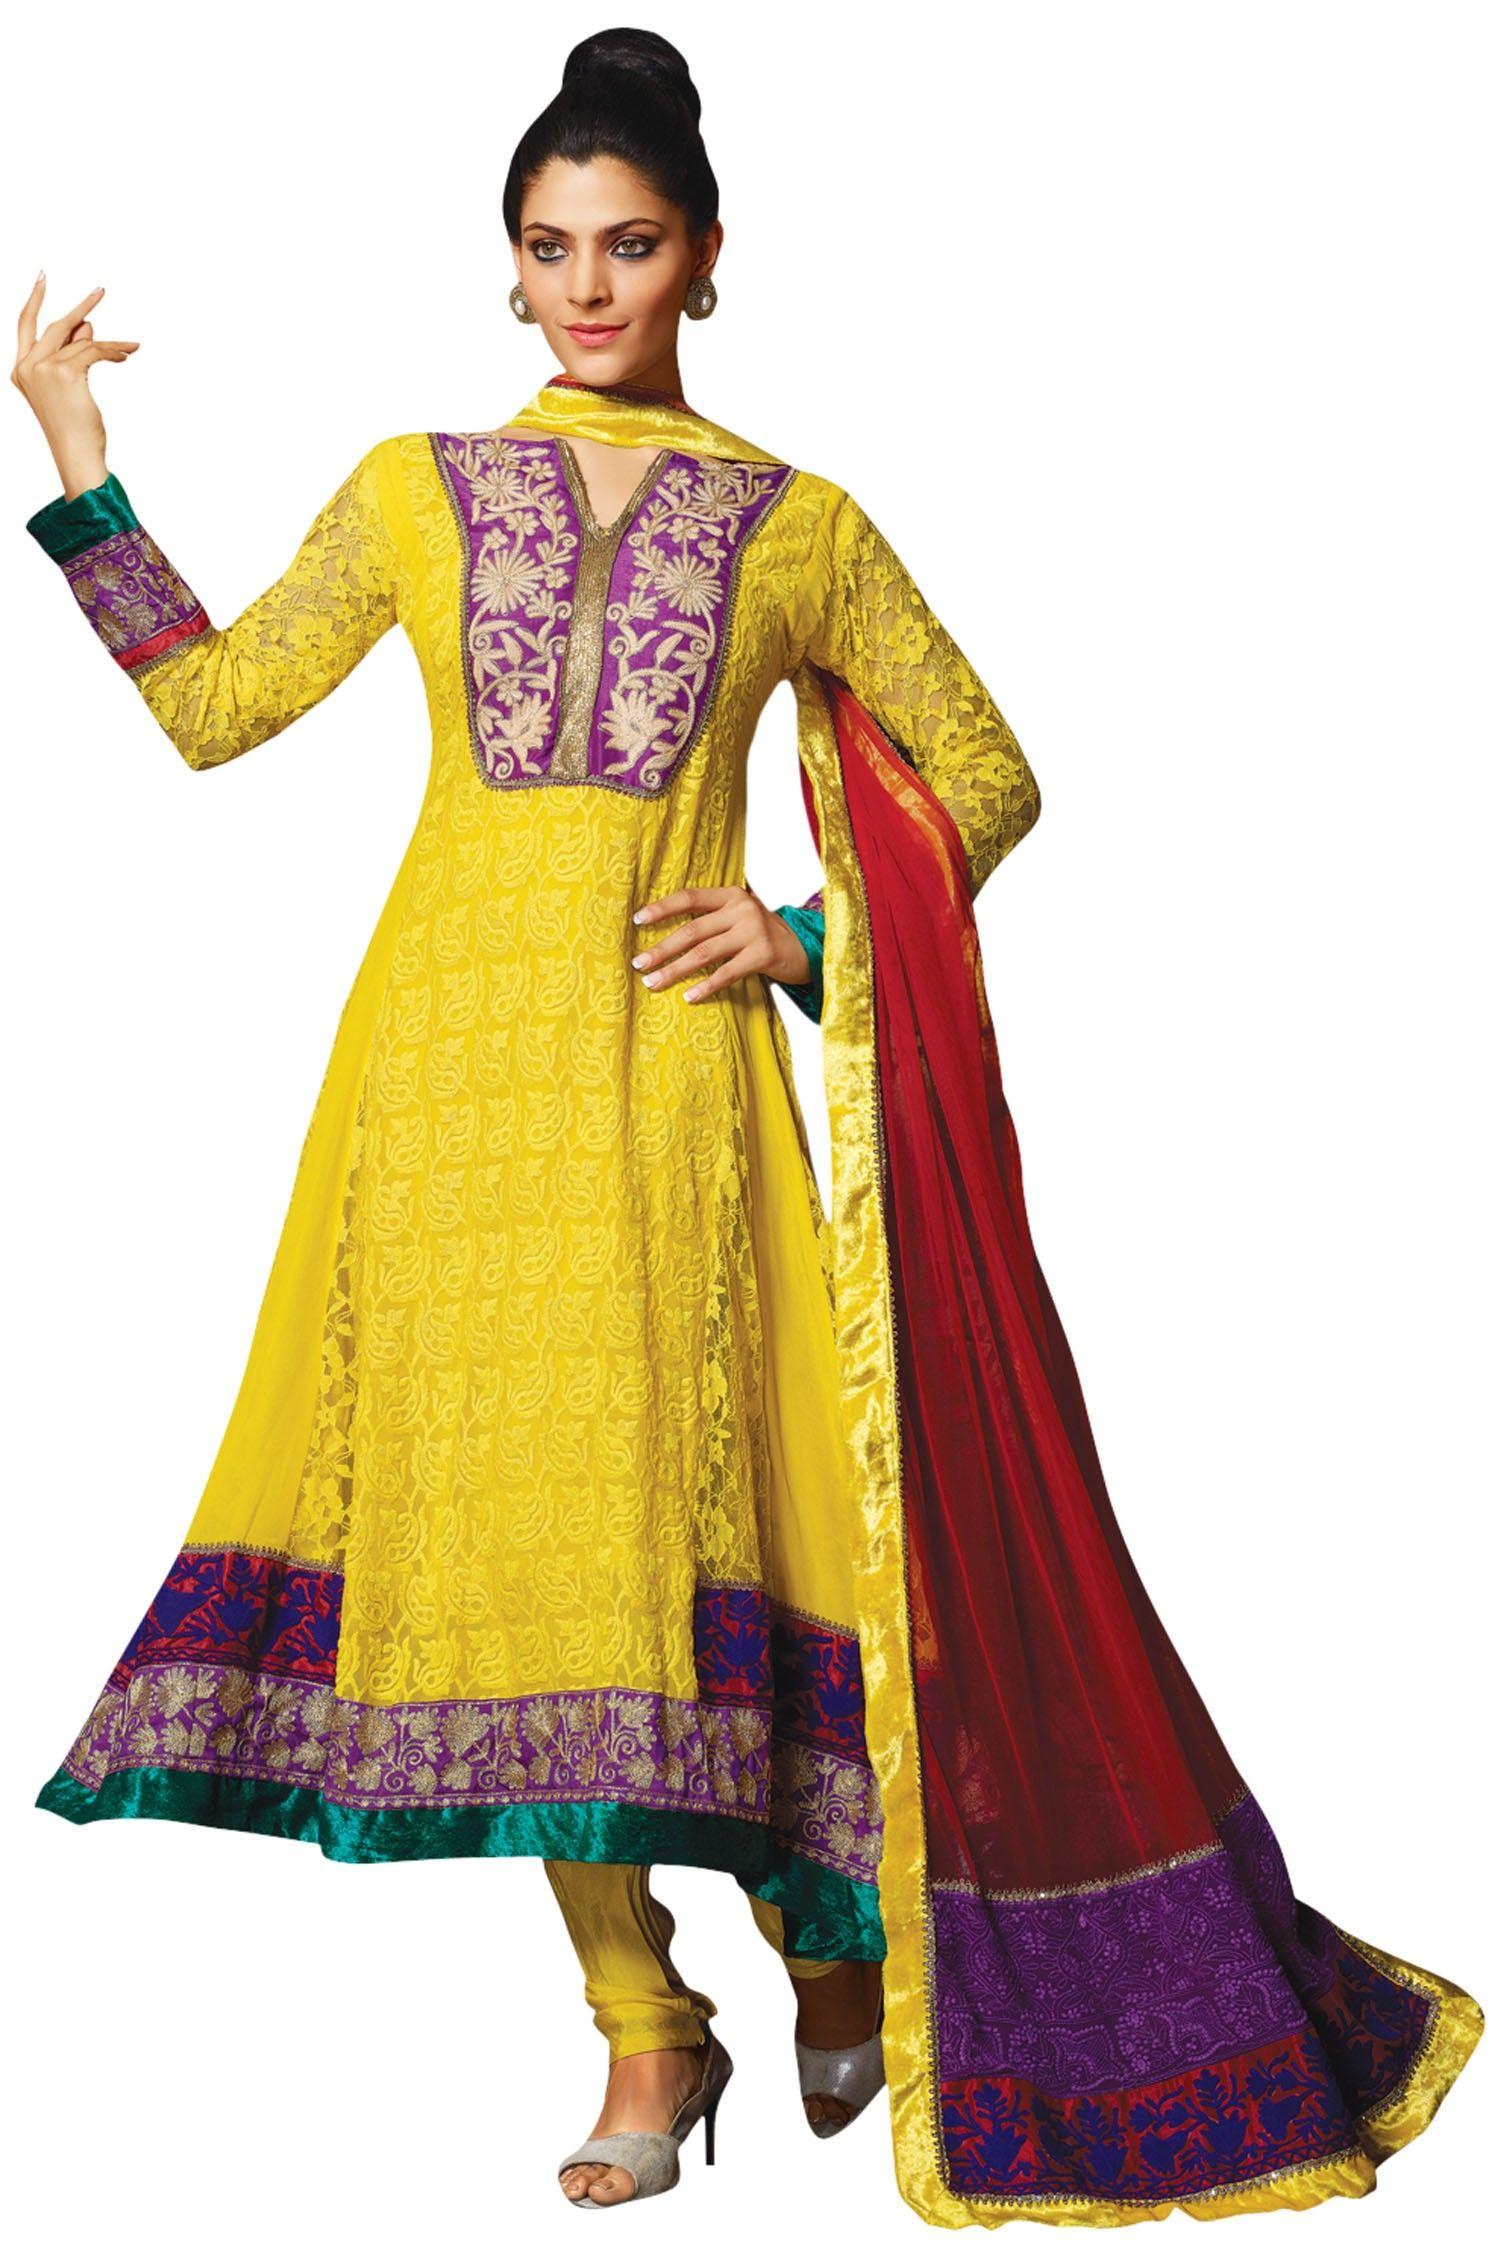 Fashion Franchise Opportunity, Fashion Business. - Franchise India 13